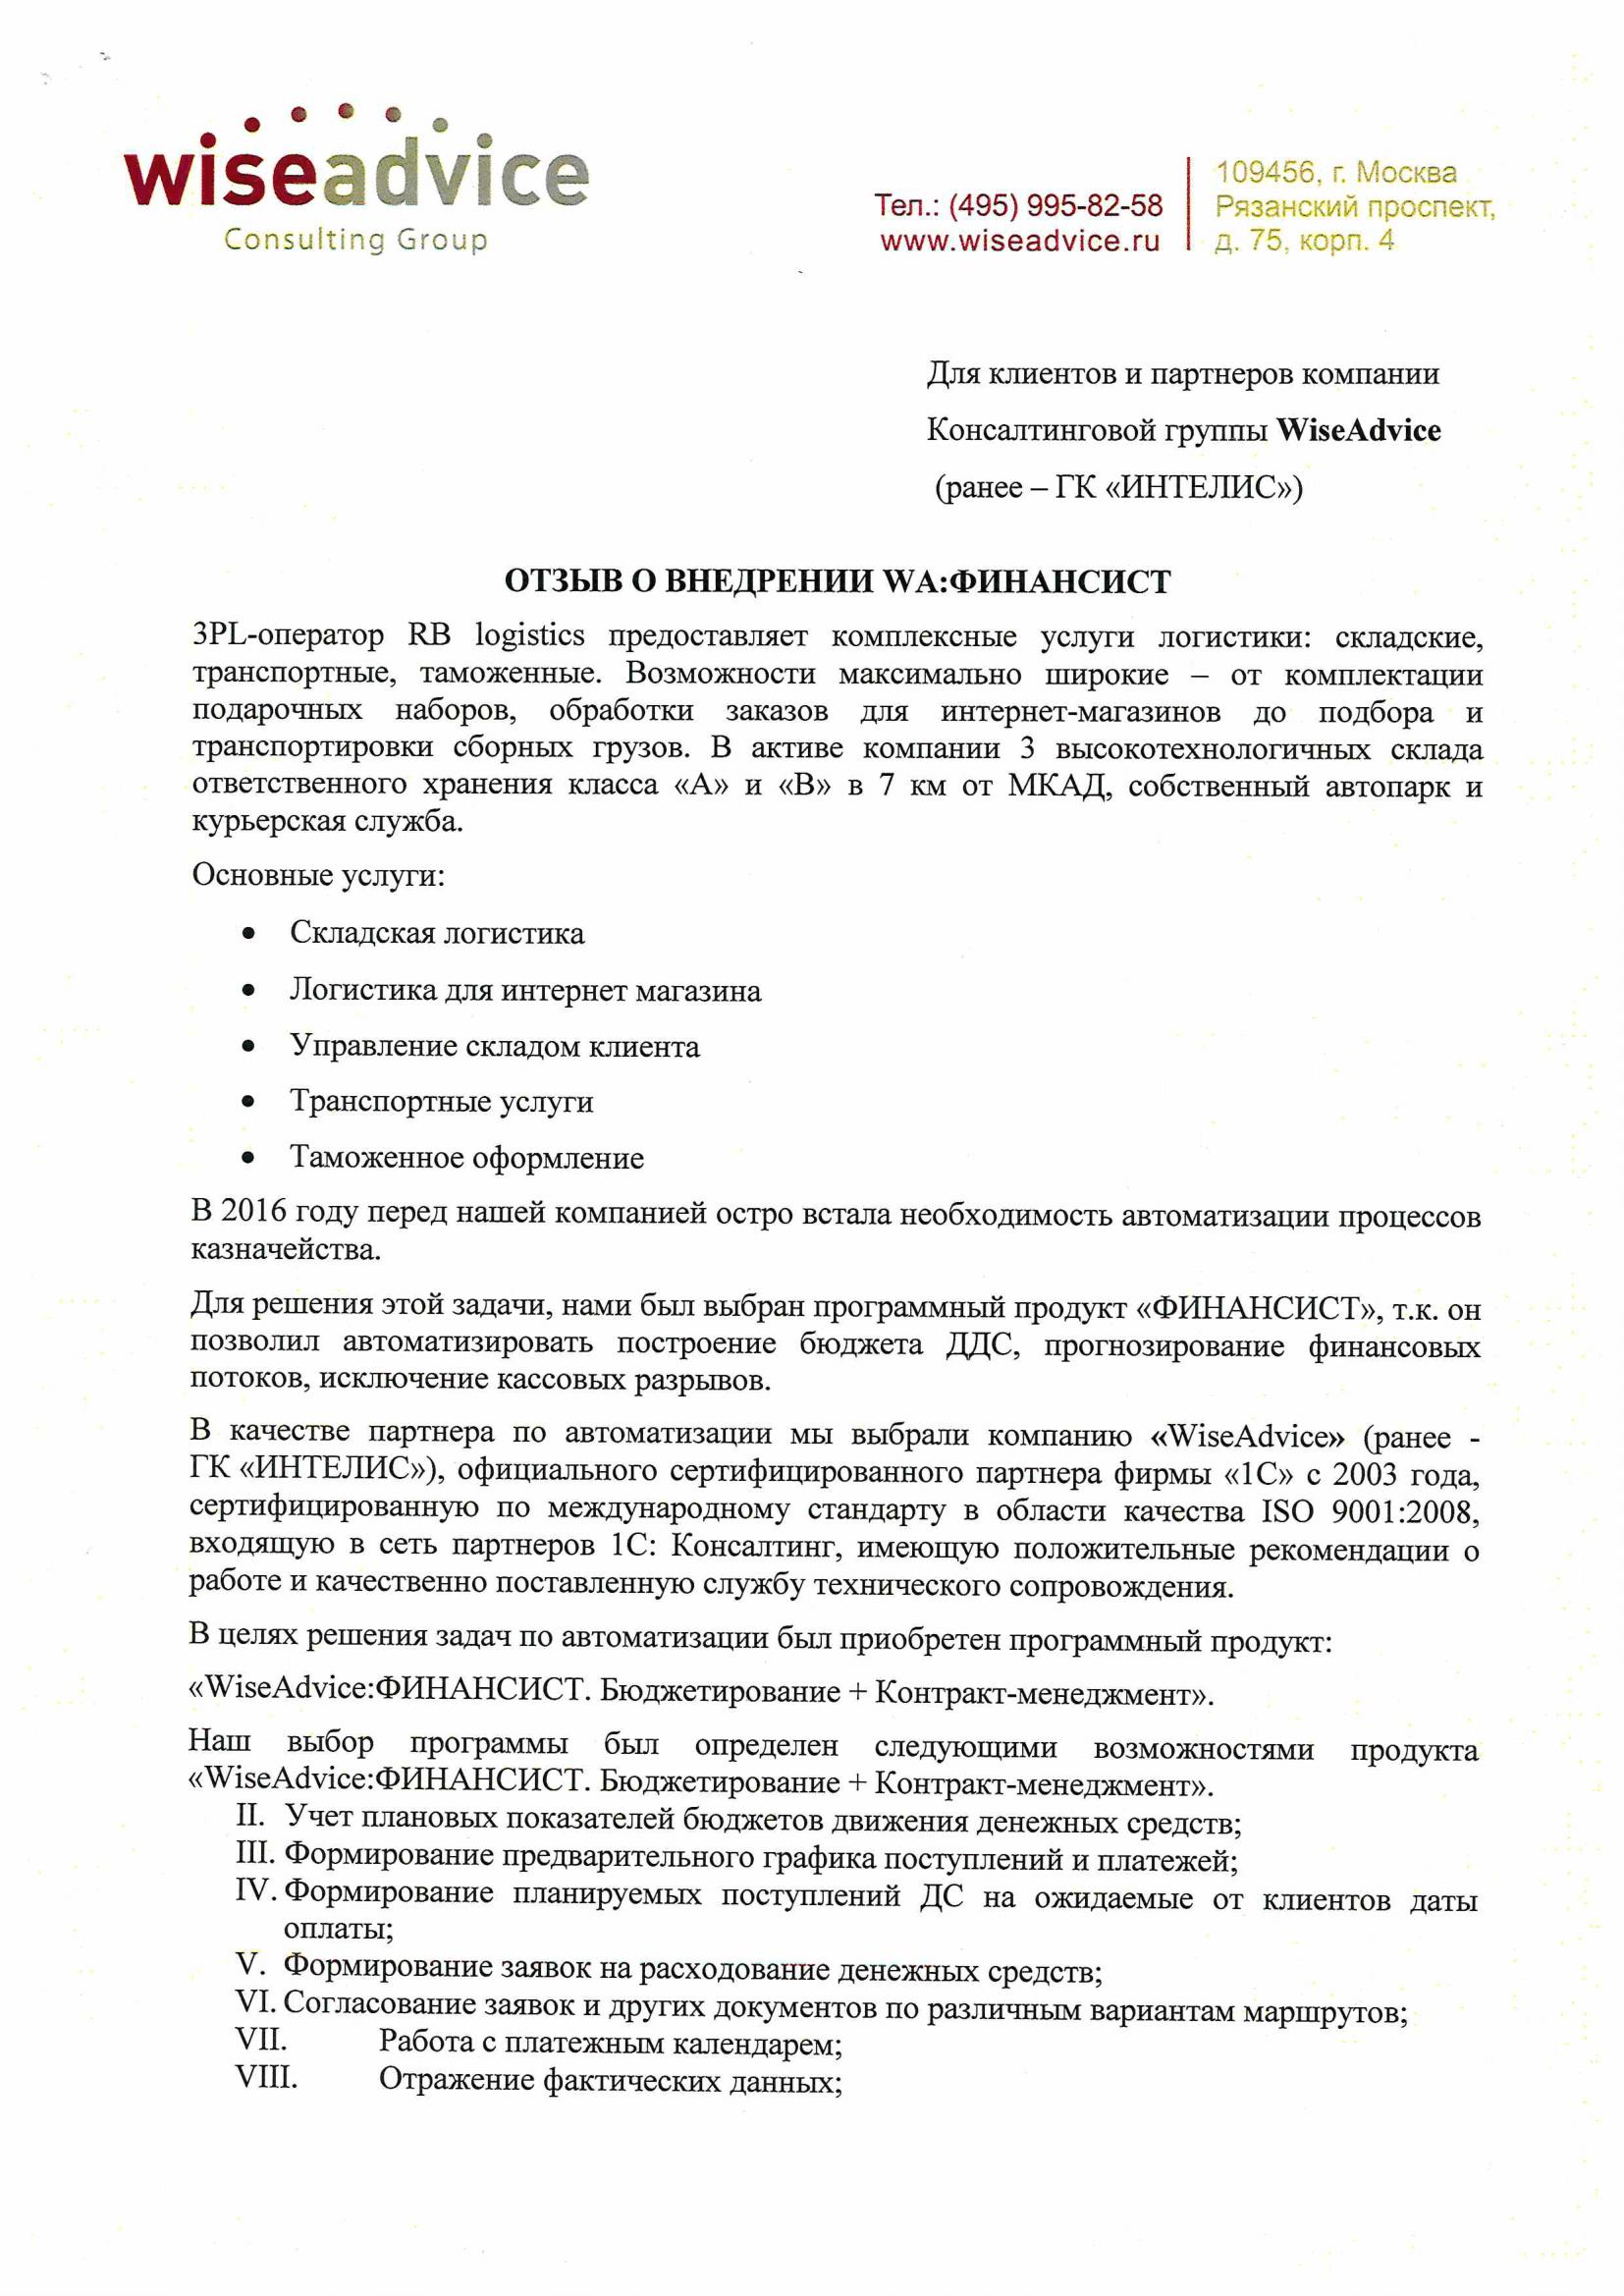 Логистическая компания RB Logistics отзыв